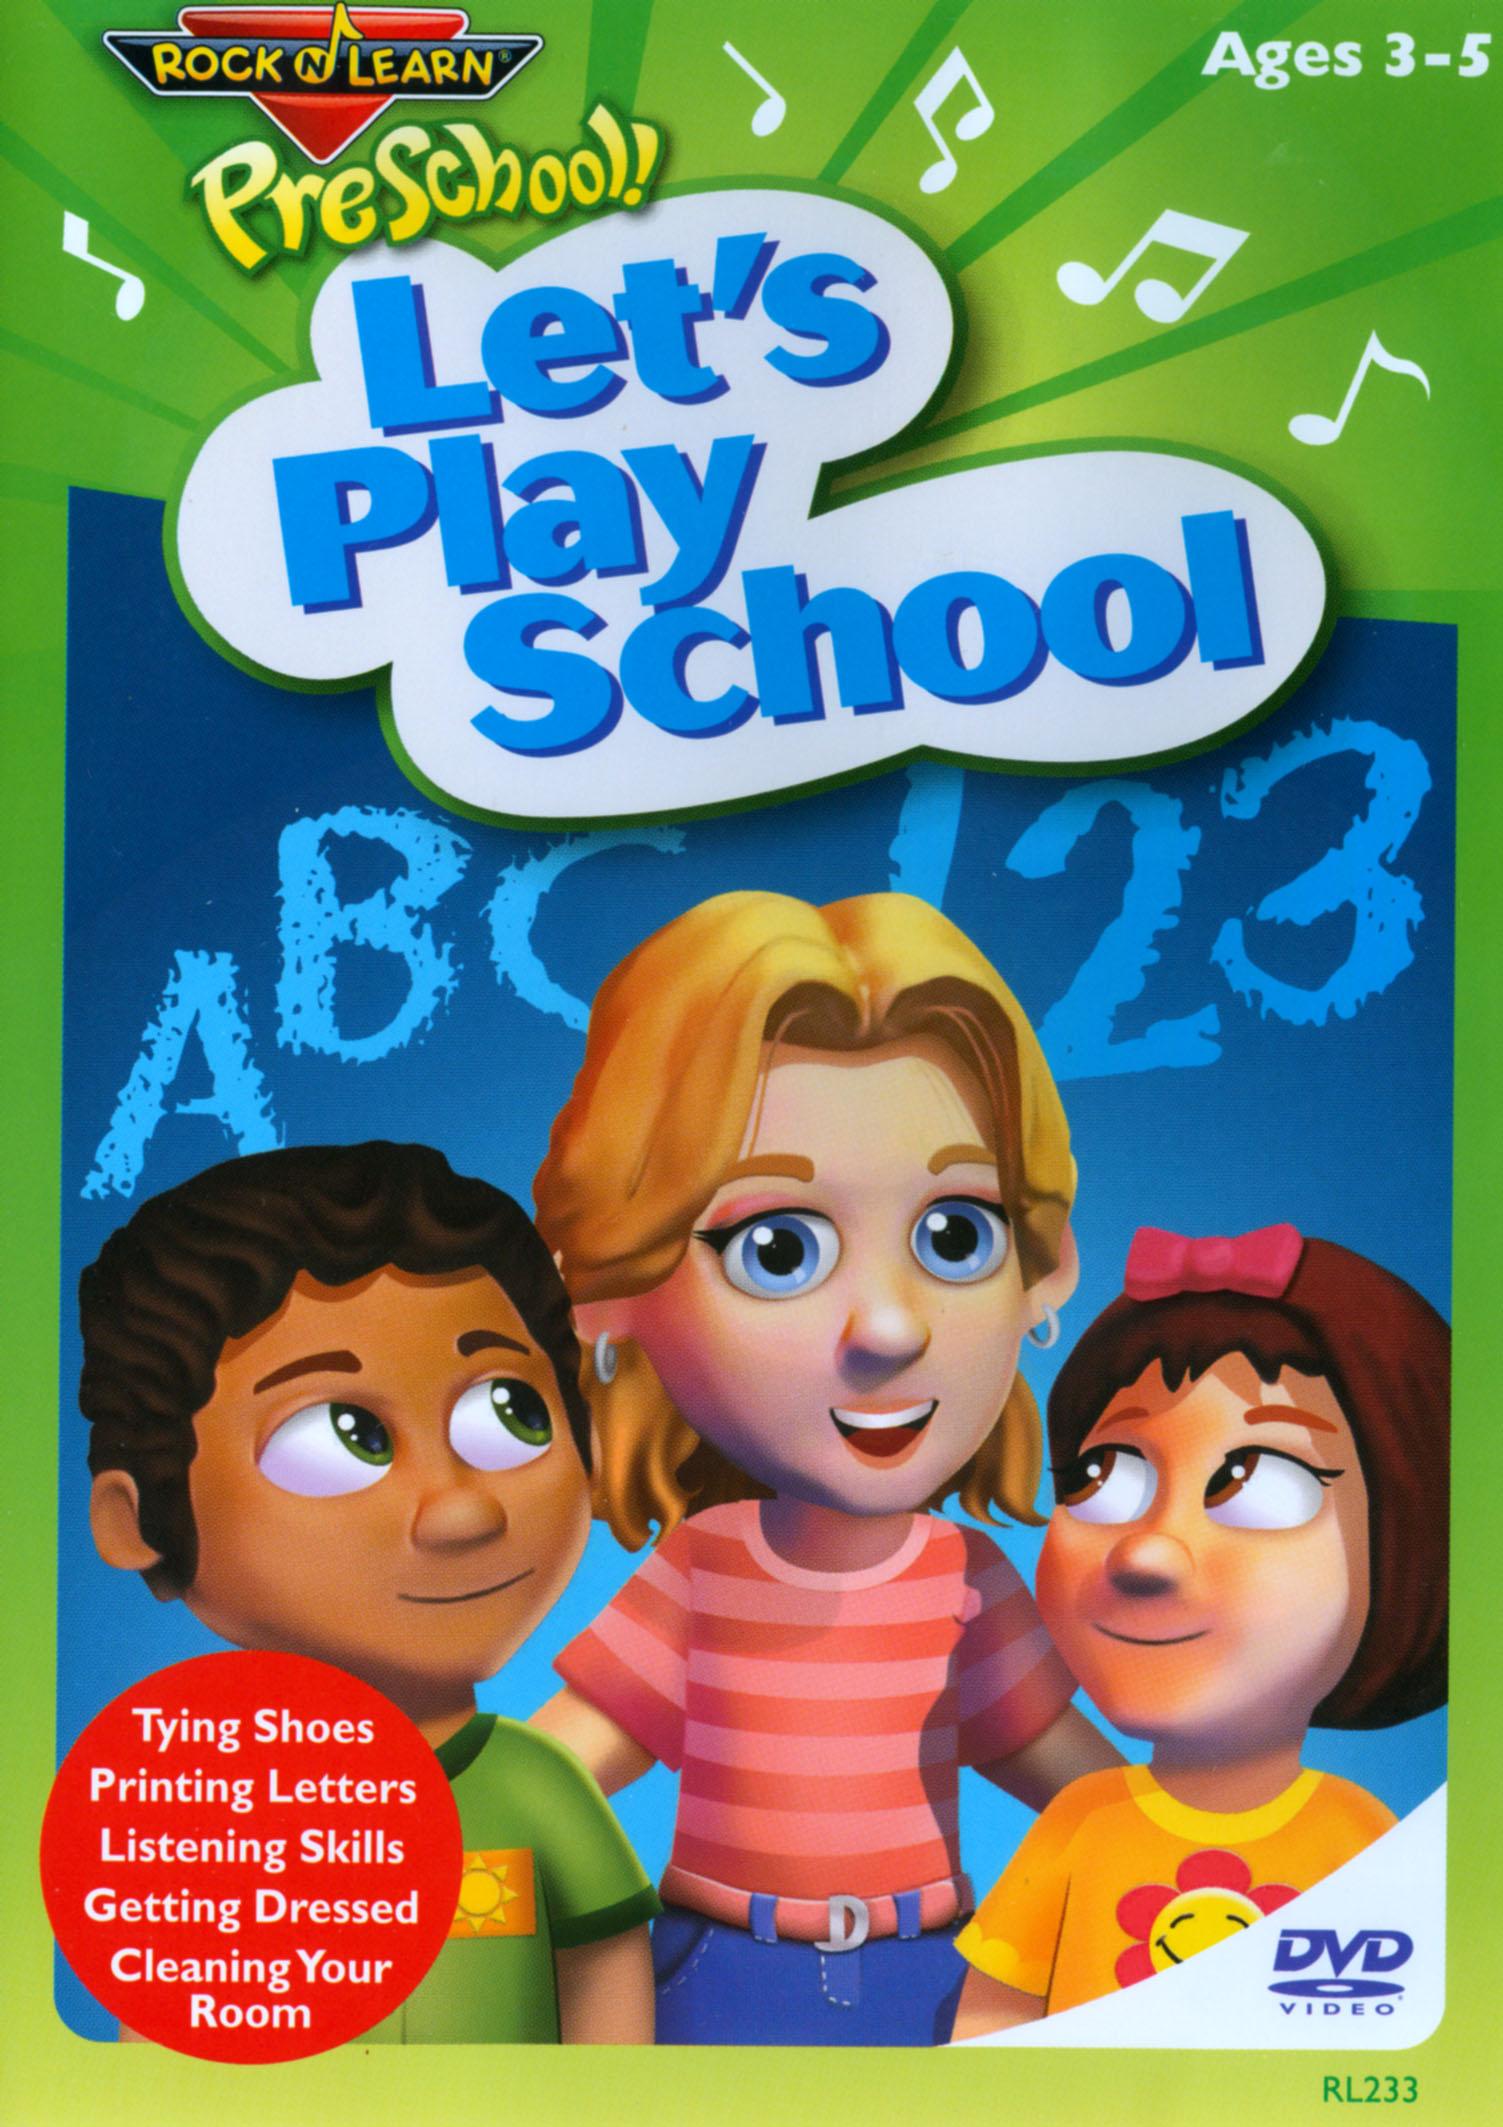 Rock 'N Learn: PreSchool! - Let's Play School